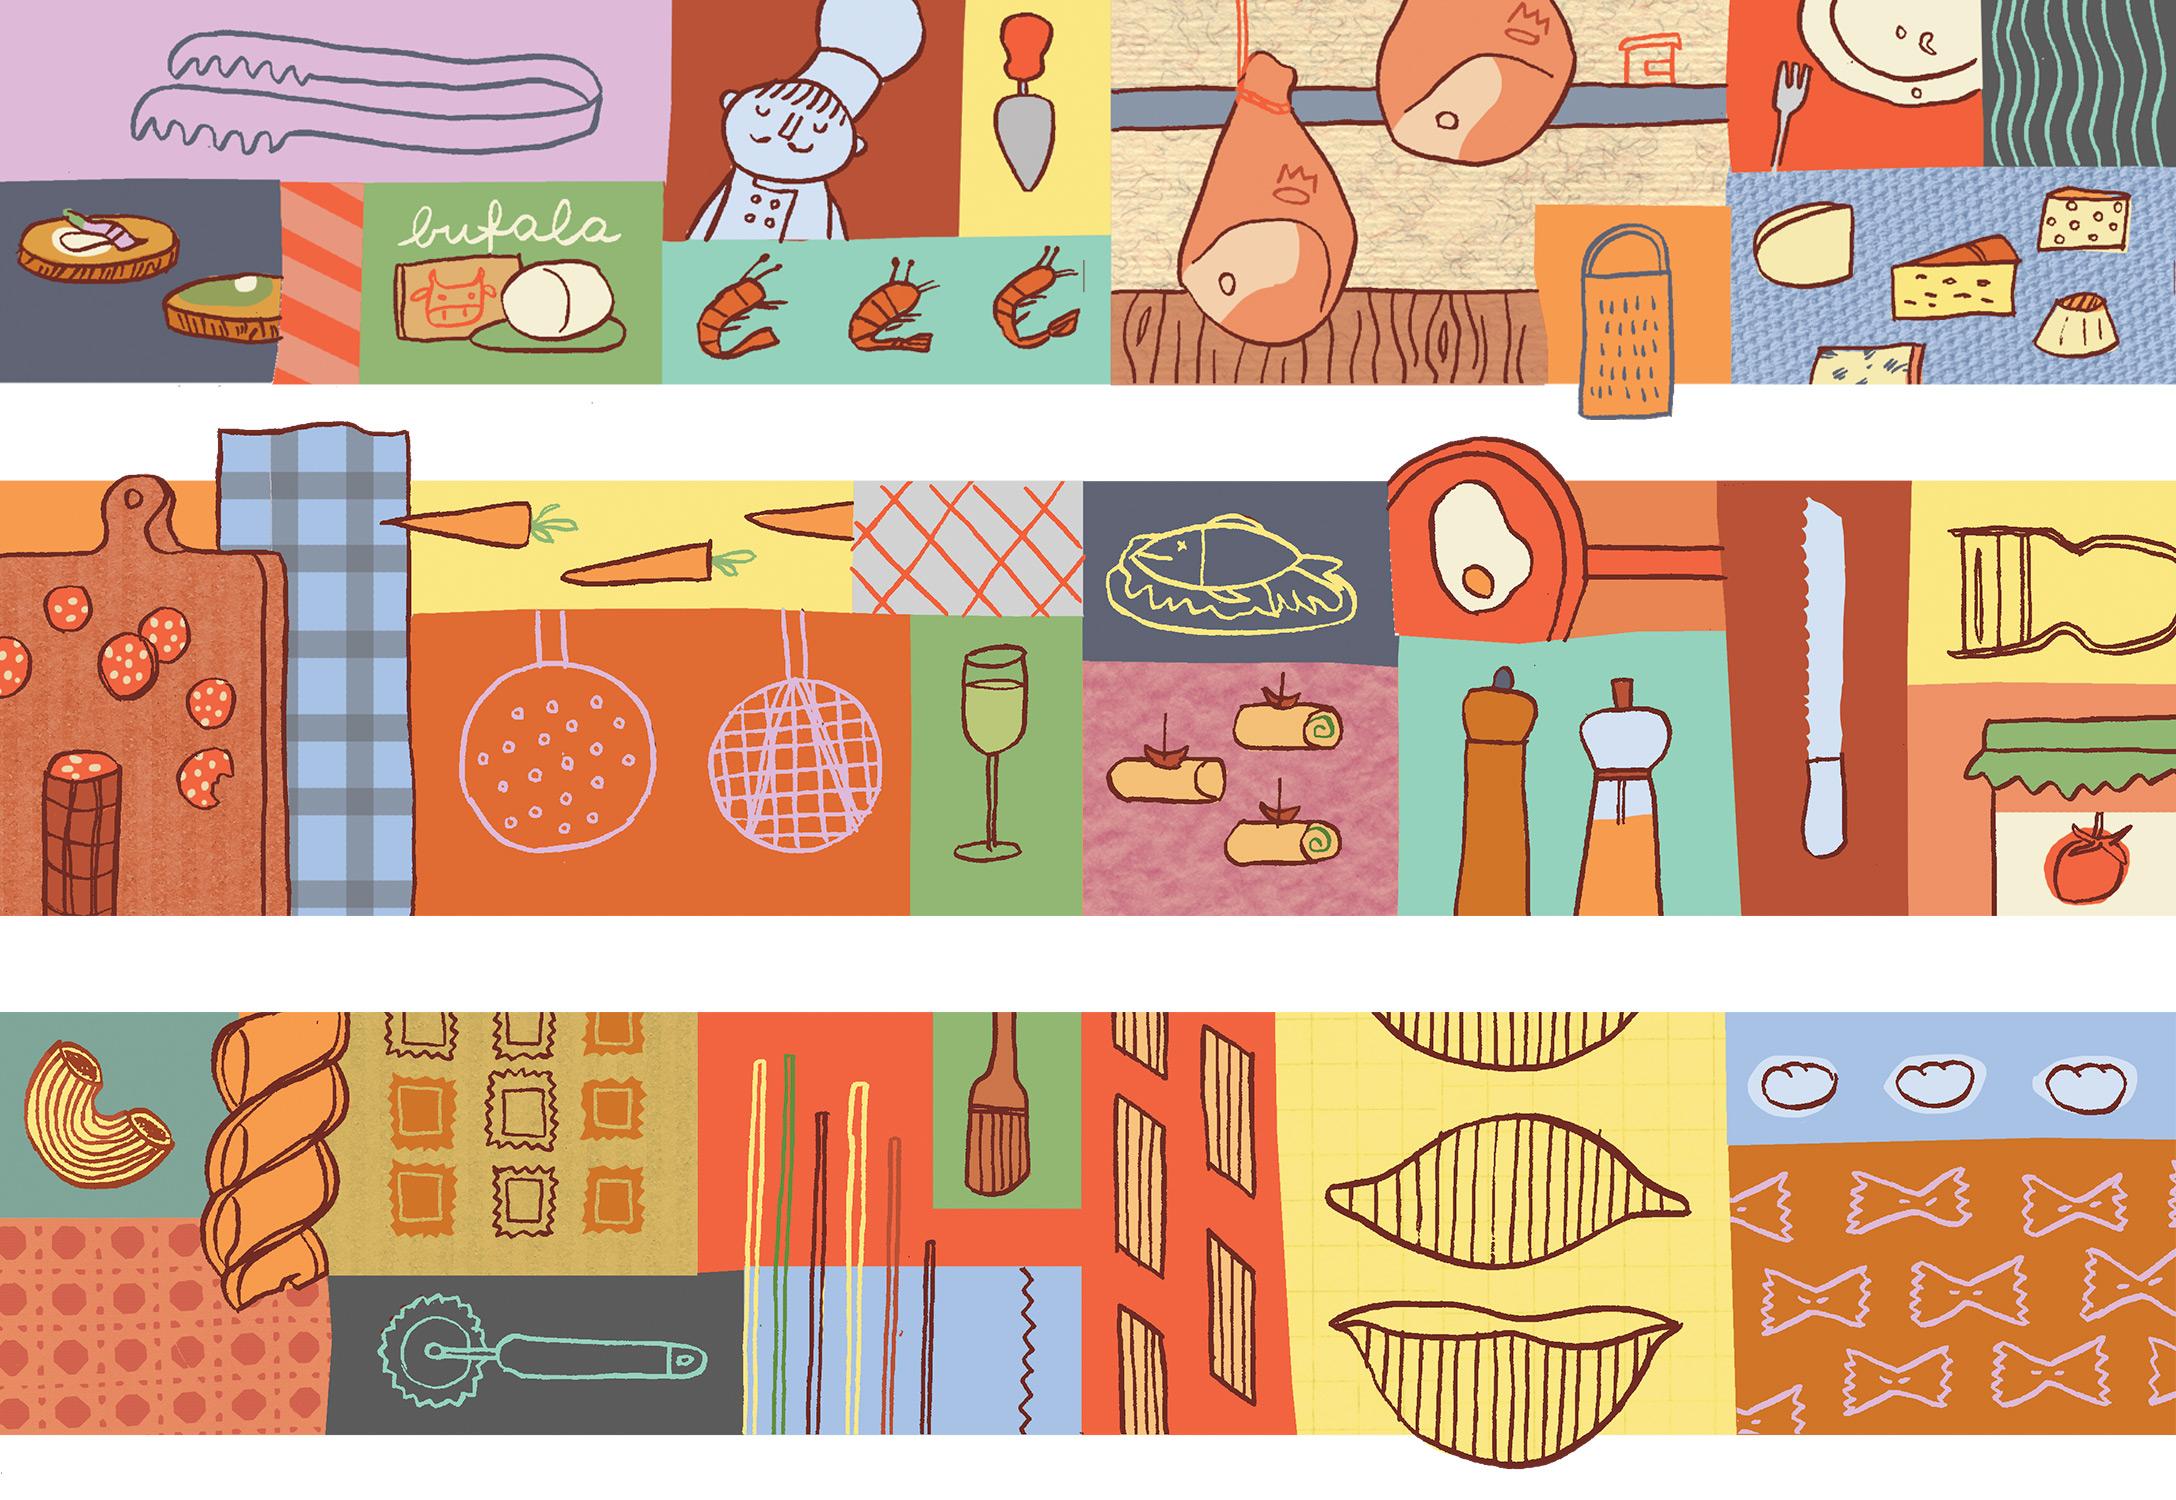 Annalisa Papagna illustration - Pastarito Menu